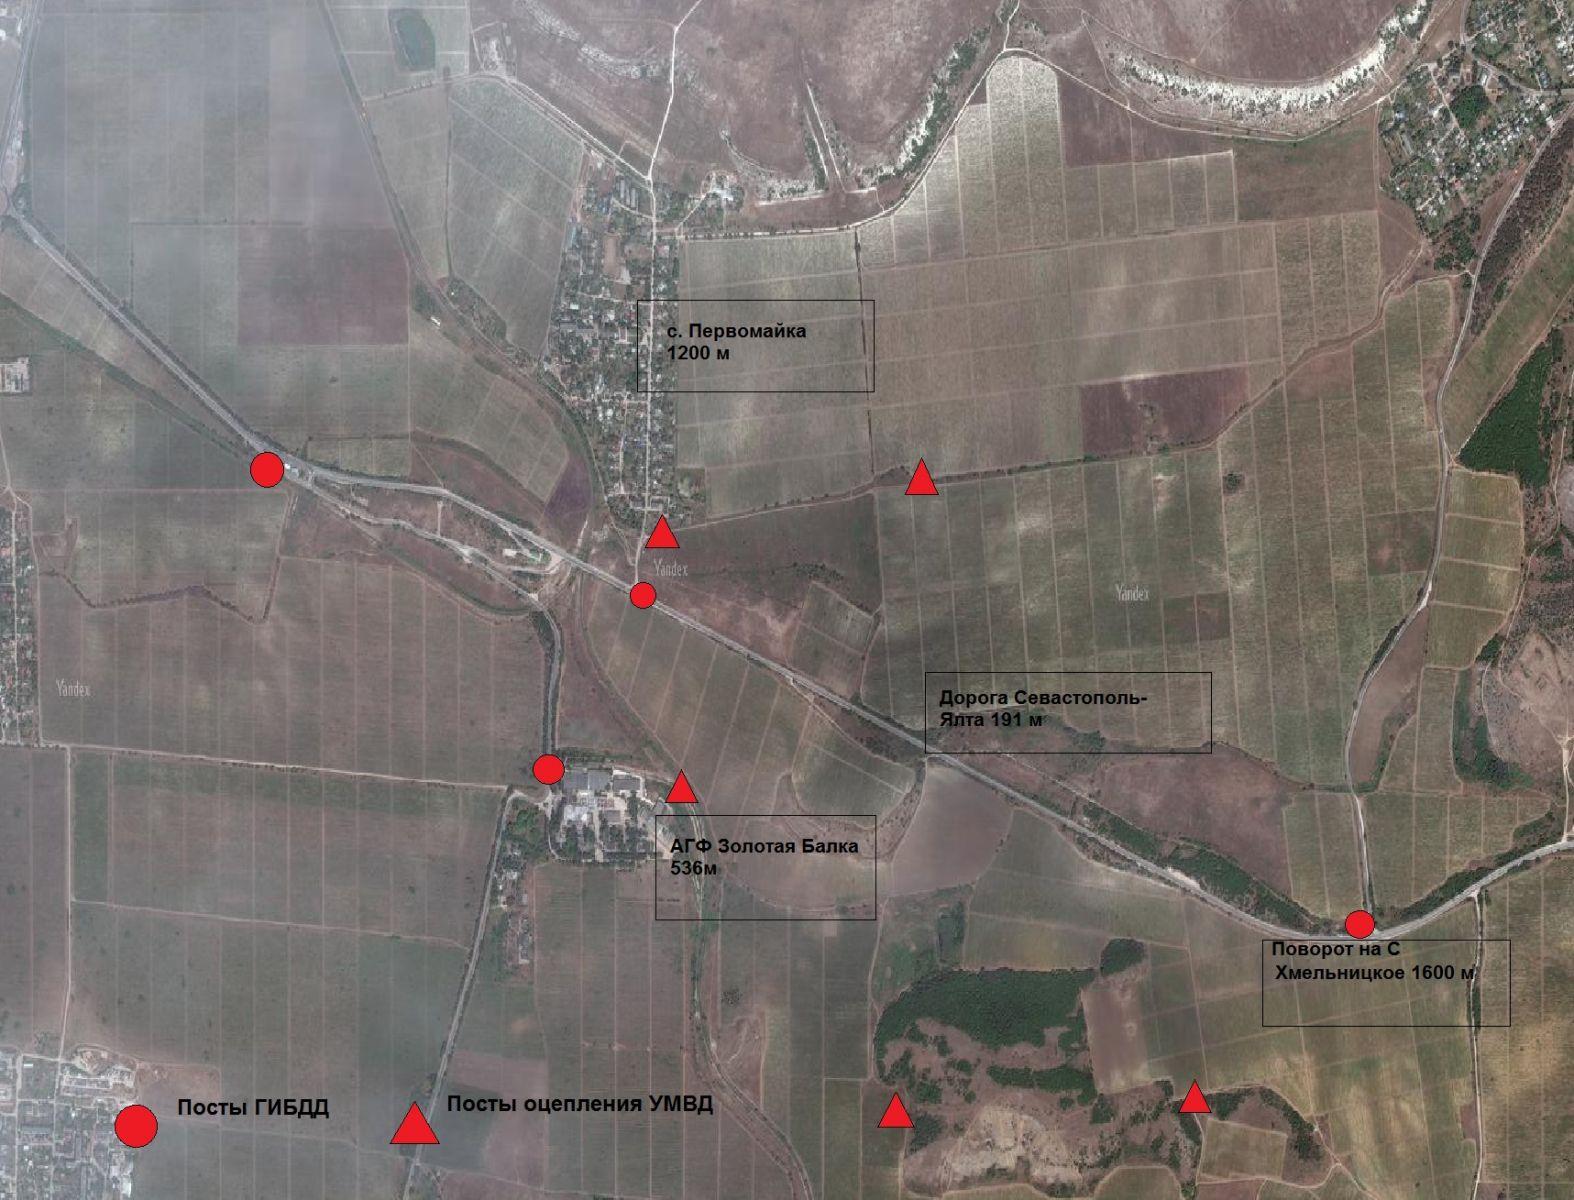 МЧС предупредило о перекрытии движения по трассе Севастополь – Ялта в районе Балаклавы из-за операции по обезвреживанию авиабомбы (СХЕМА)